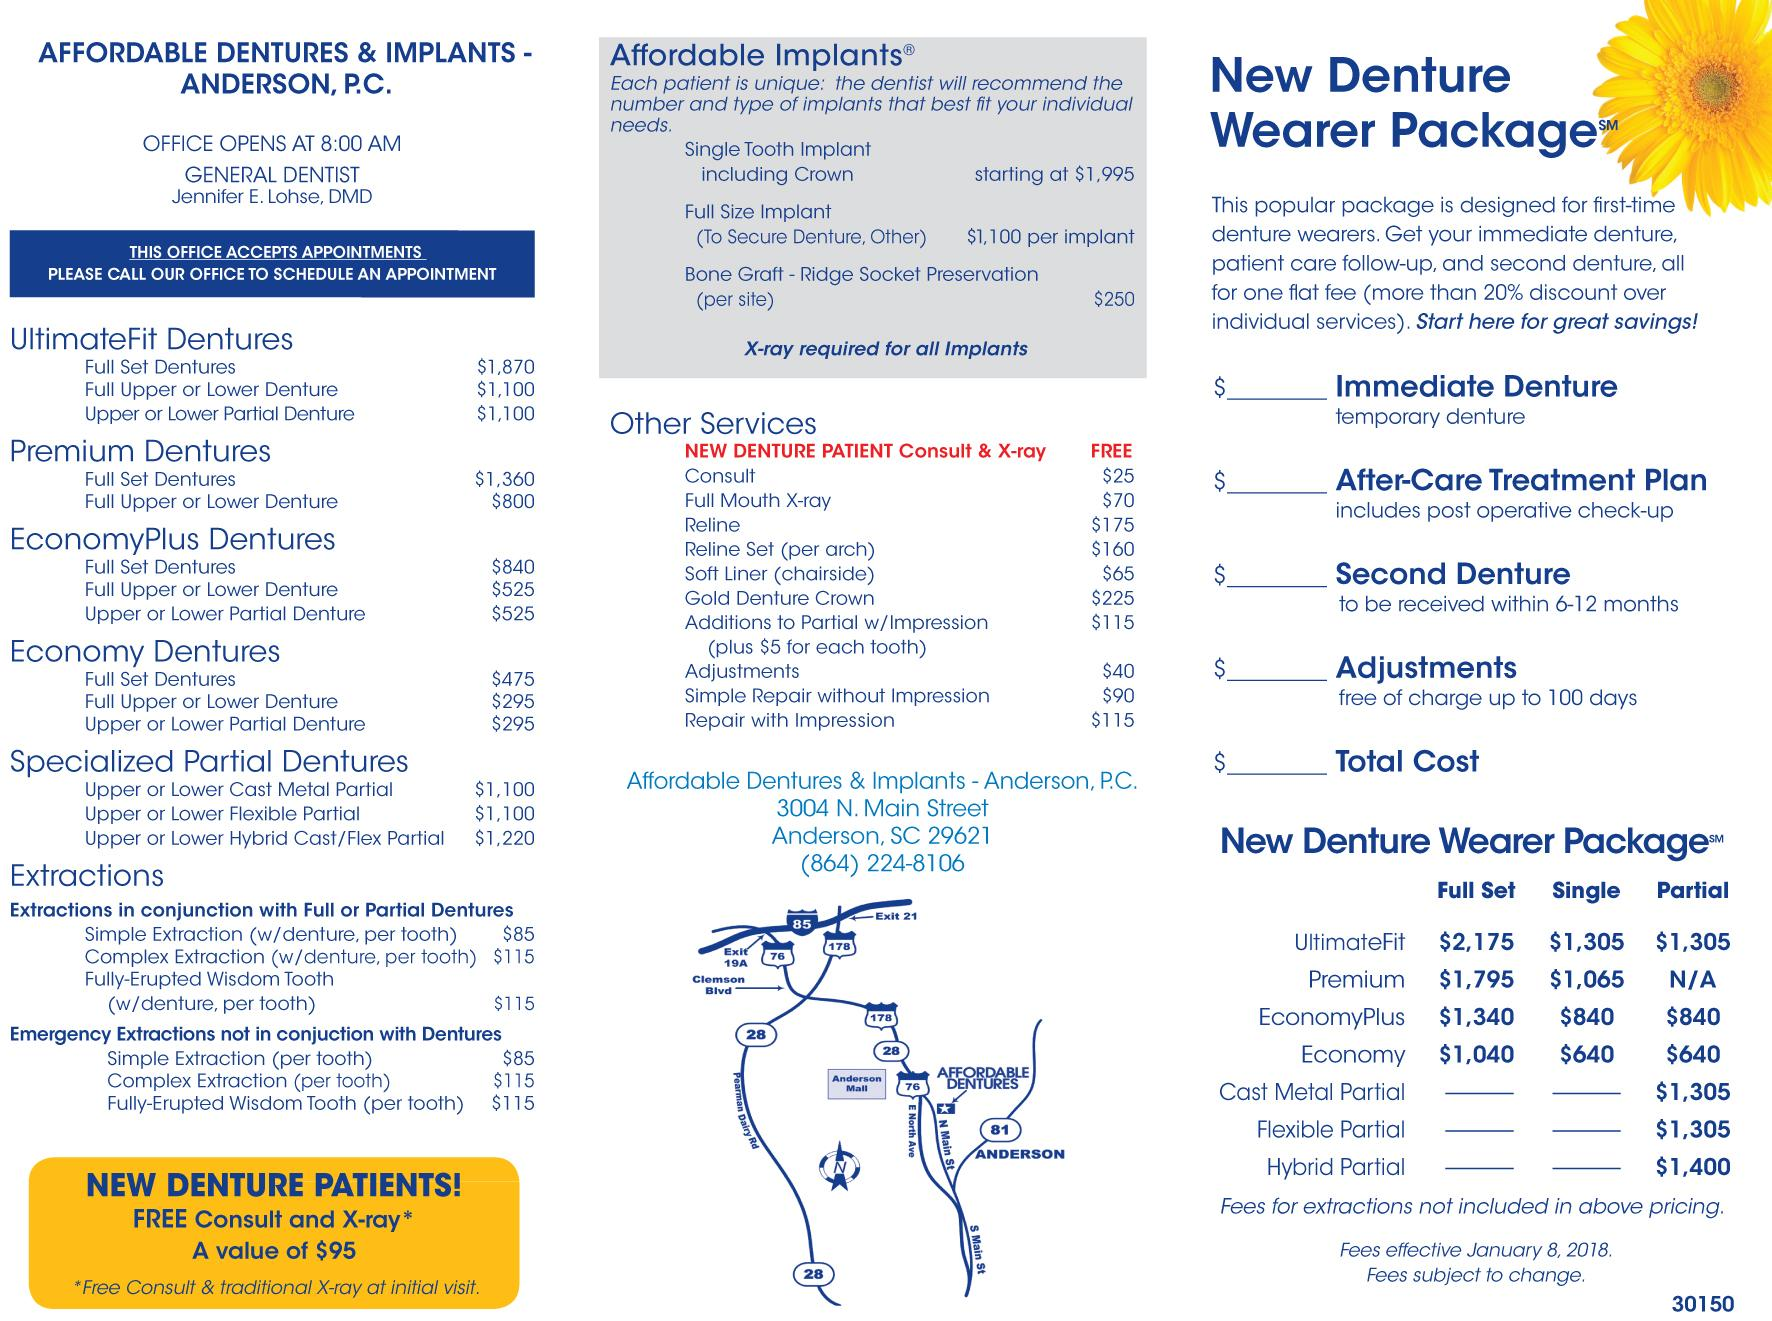 anderson sc denture care center anderson sc dentist affordable dentures implants. Black Bedroom Furniture Sets. Home Design Ideas